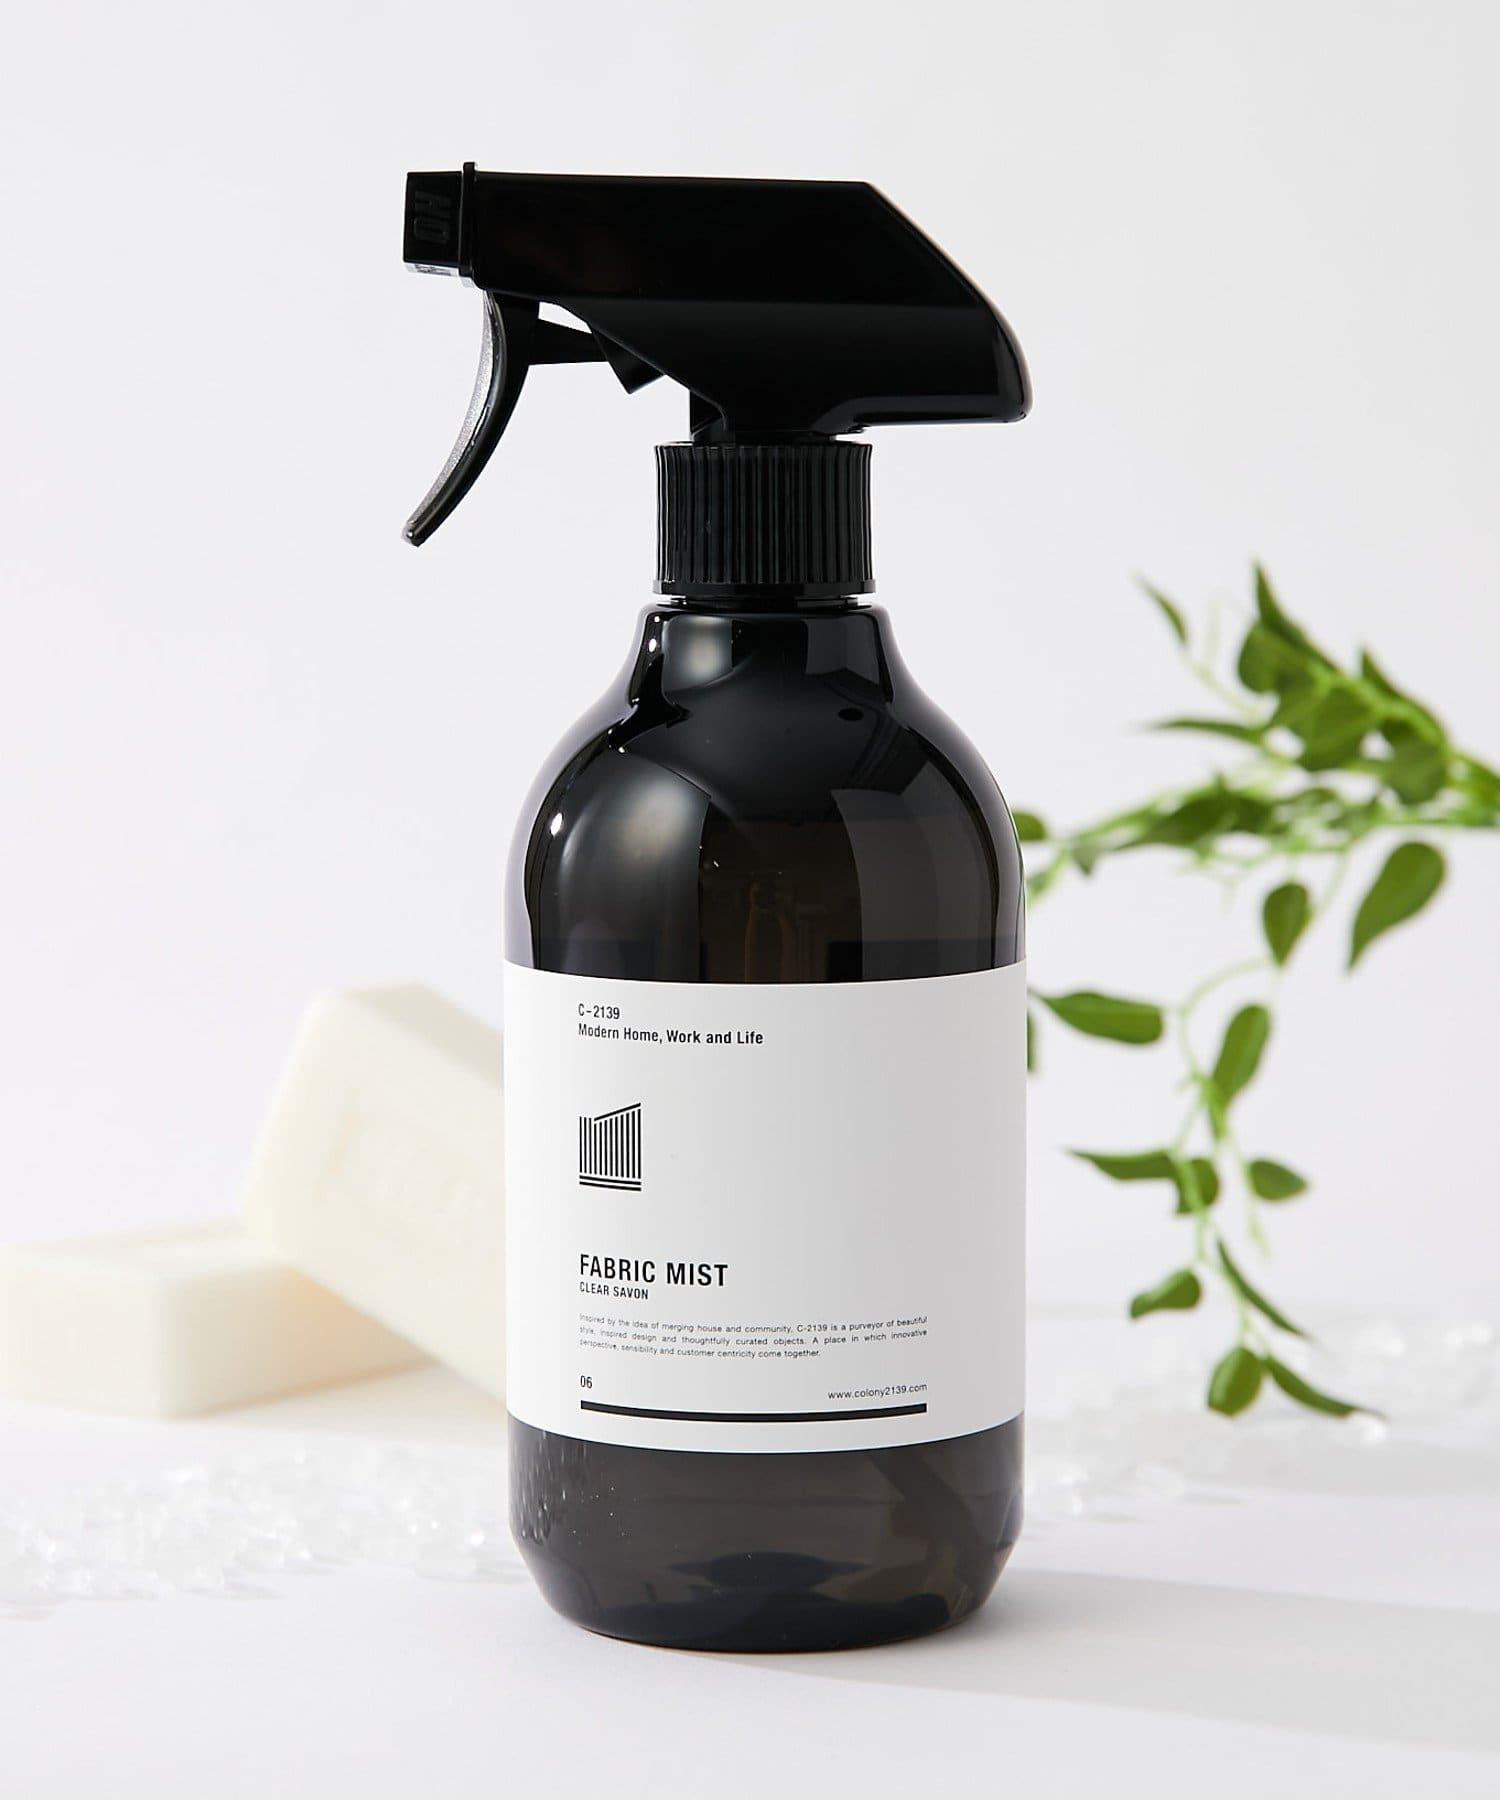 COLONY 2139(コロニー トゥーワンスリーナイン) ライフスタイル ファブリックミスト(クリアサボンの香り) ブラック